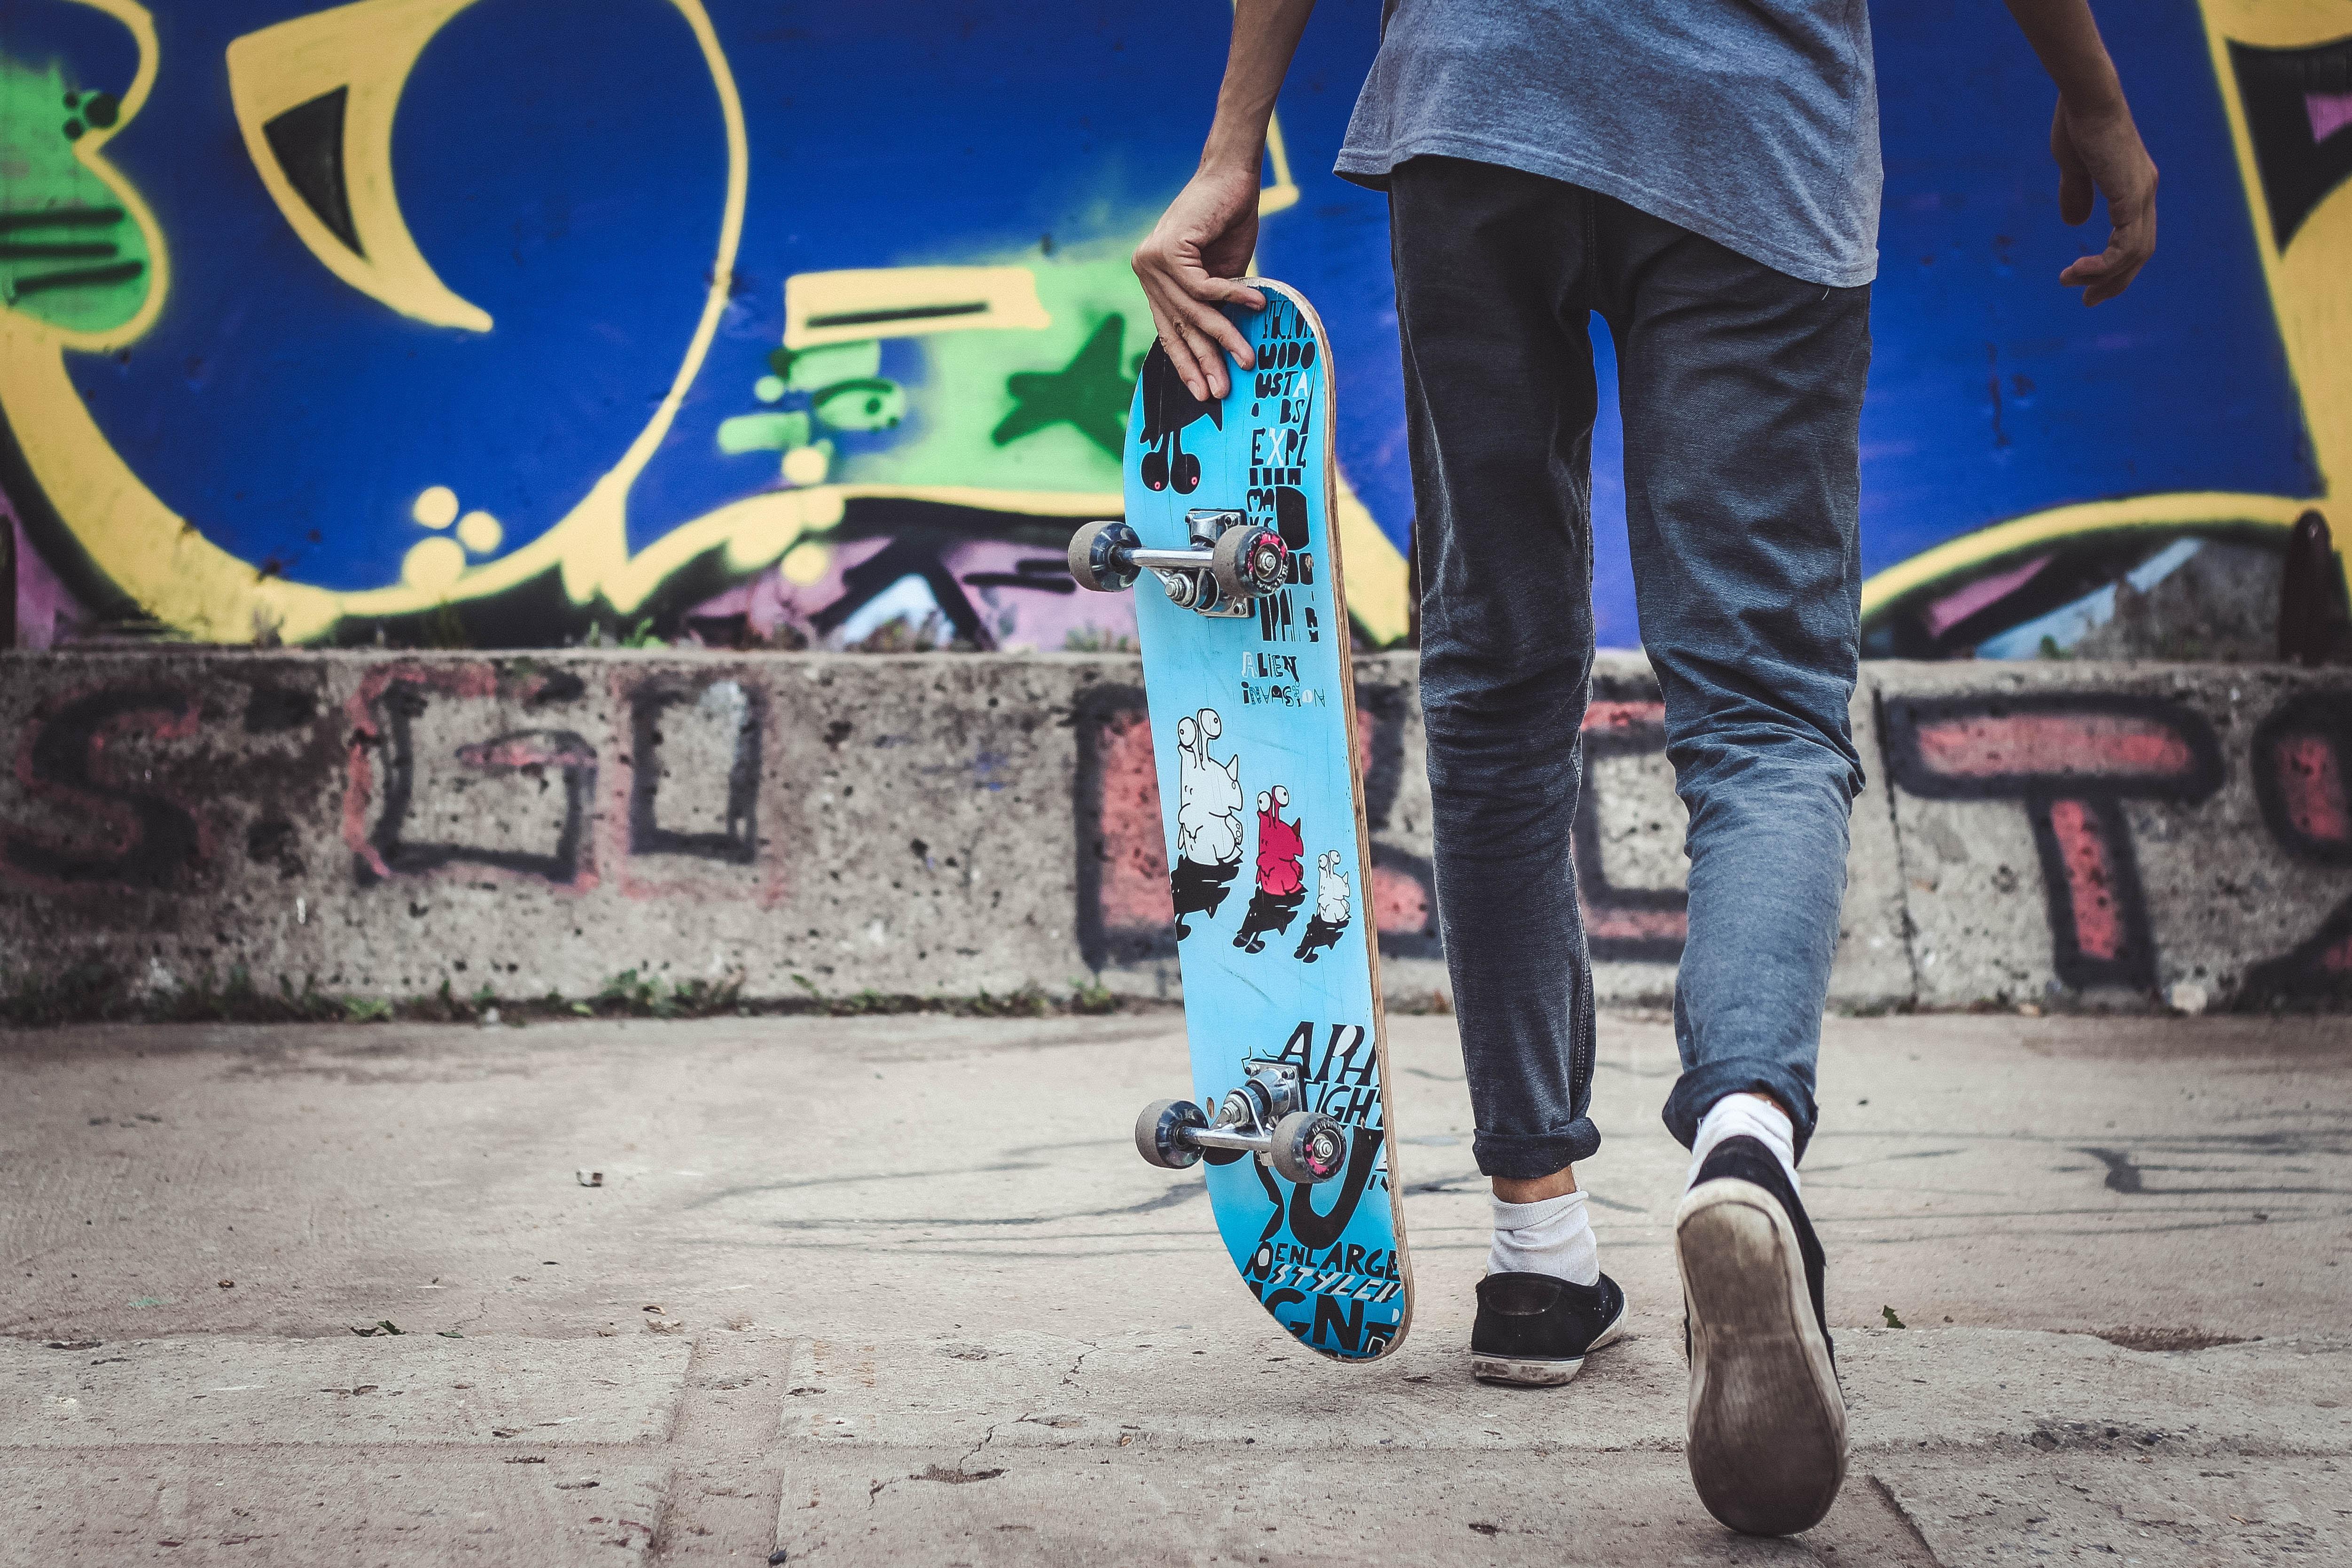 Fond D Ecran Planche A Roulette Skater Loisir 5005x3337 Coolwallpapers 1184044 Fond D Ecran Wallhere